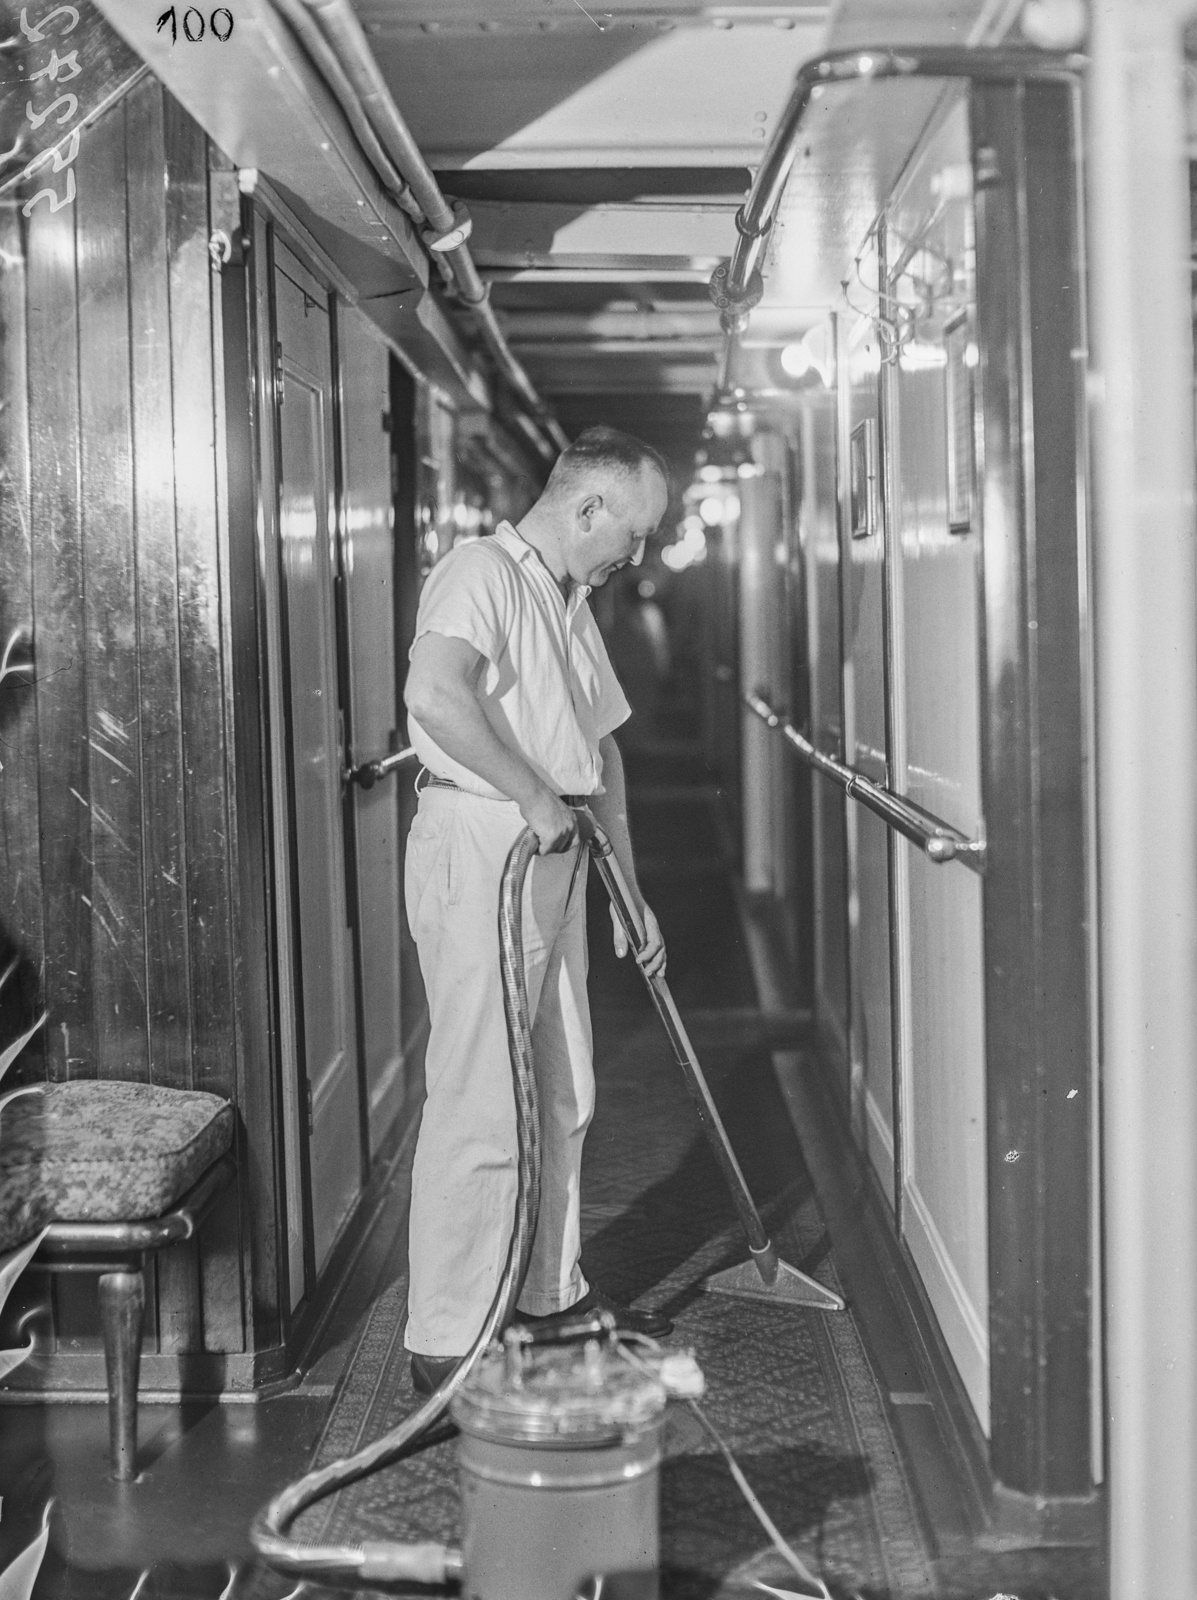 Человек в коридоре с пылесосом